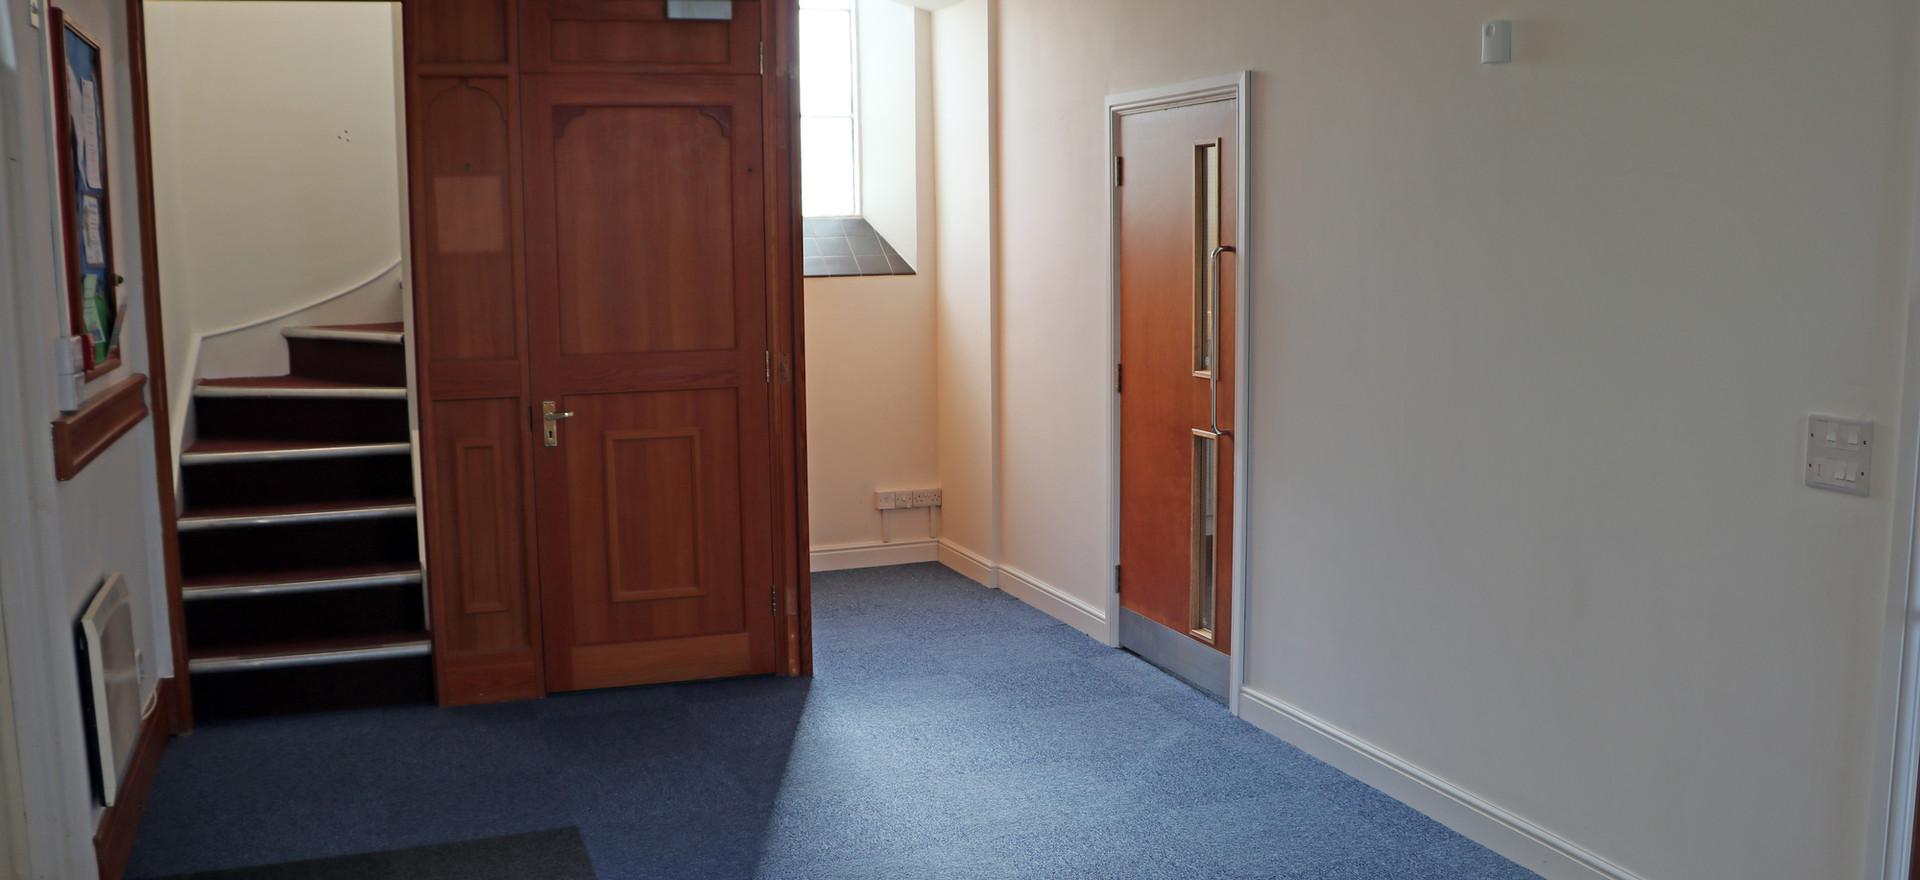 Enlarged Foyer